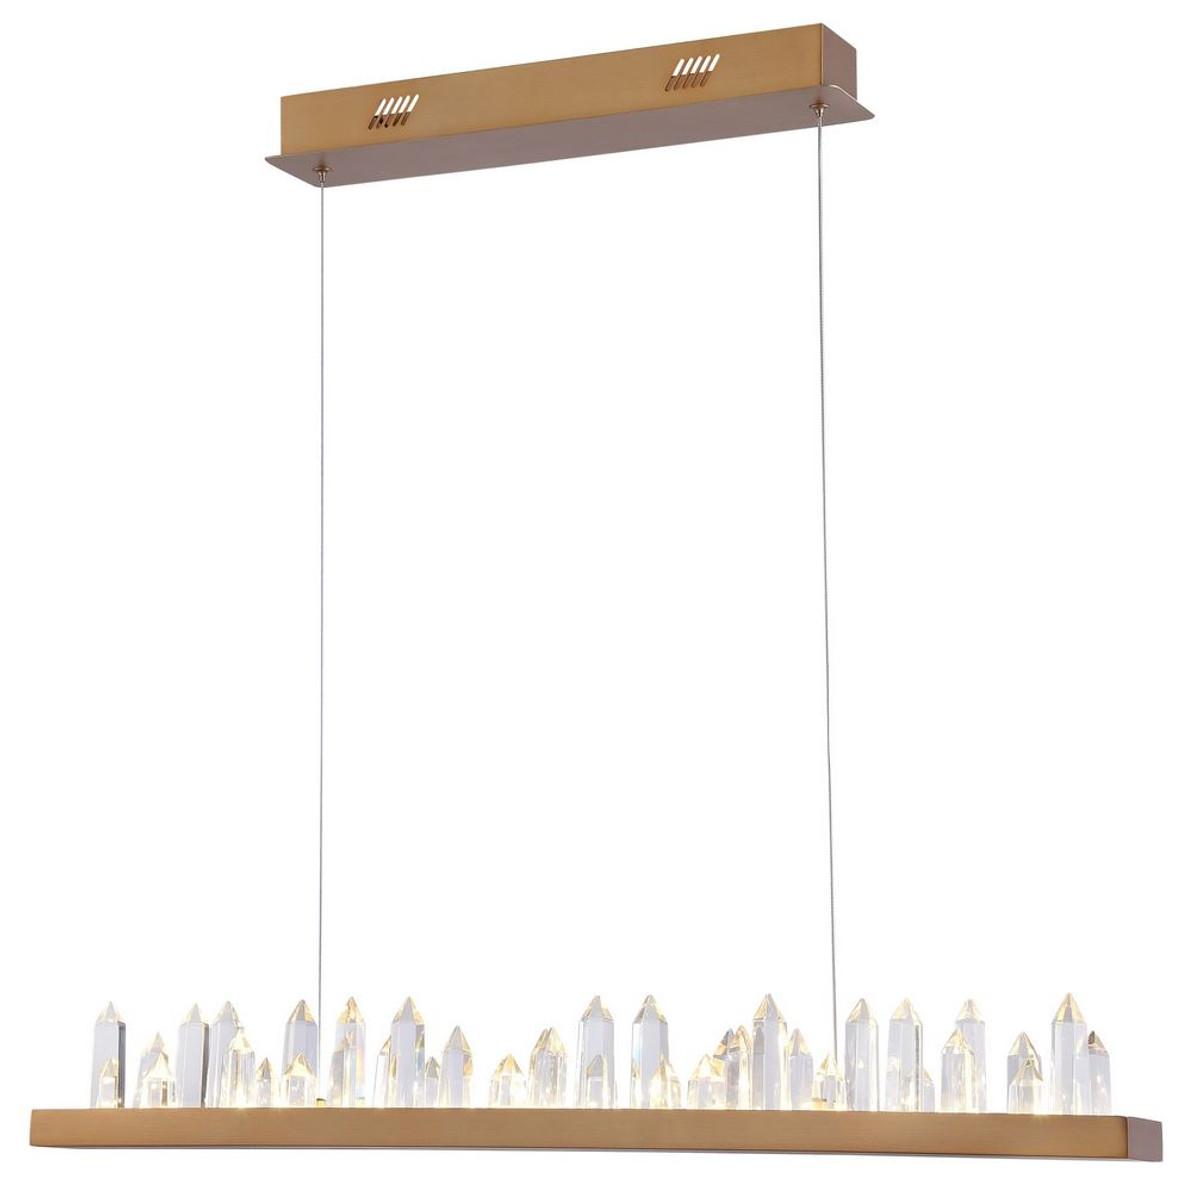 Casa Padrino LED Hängeleuchte mit messingfarbenem Metallrahmen und Kristallglaszacken 80 x 9 x H. 10,4 cm - Wohnzimmermöbel 3